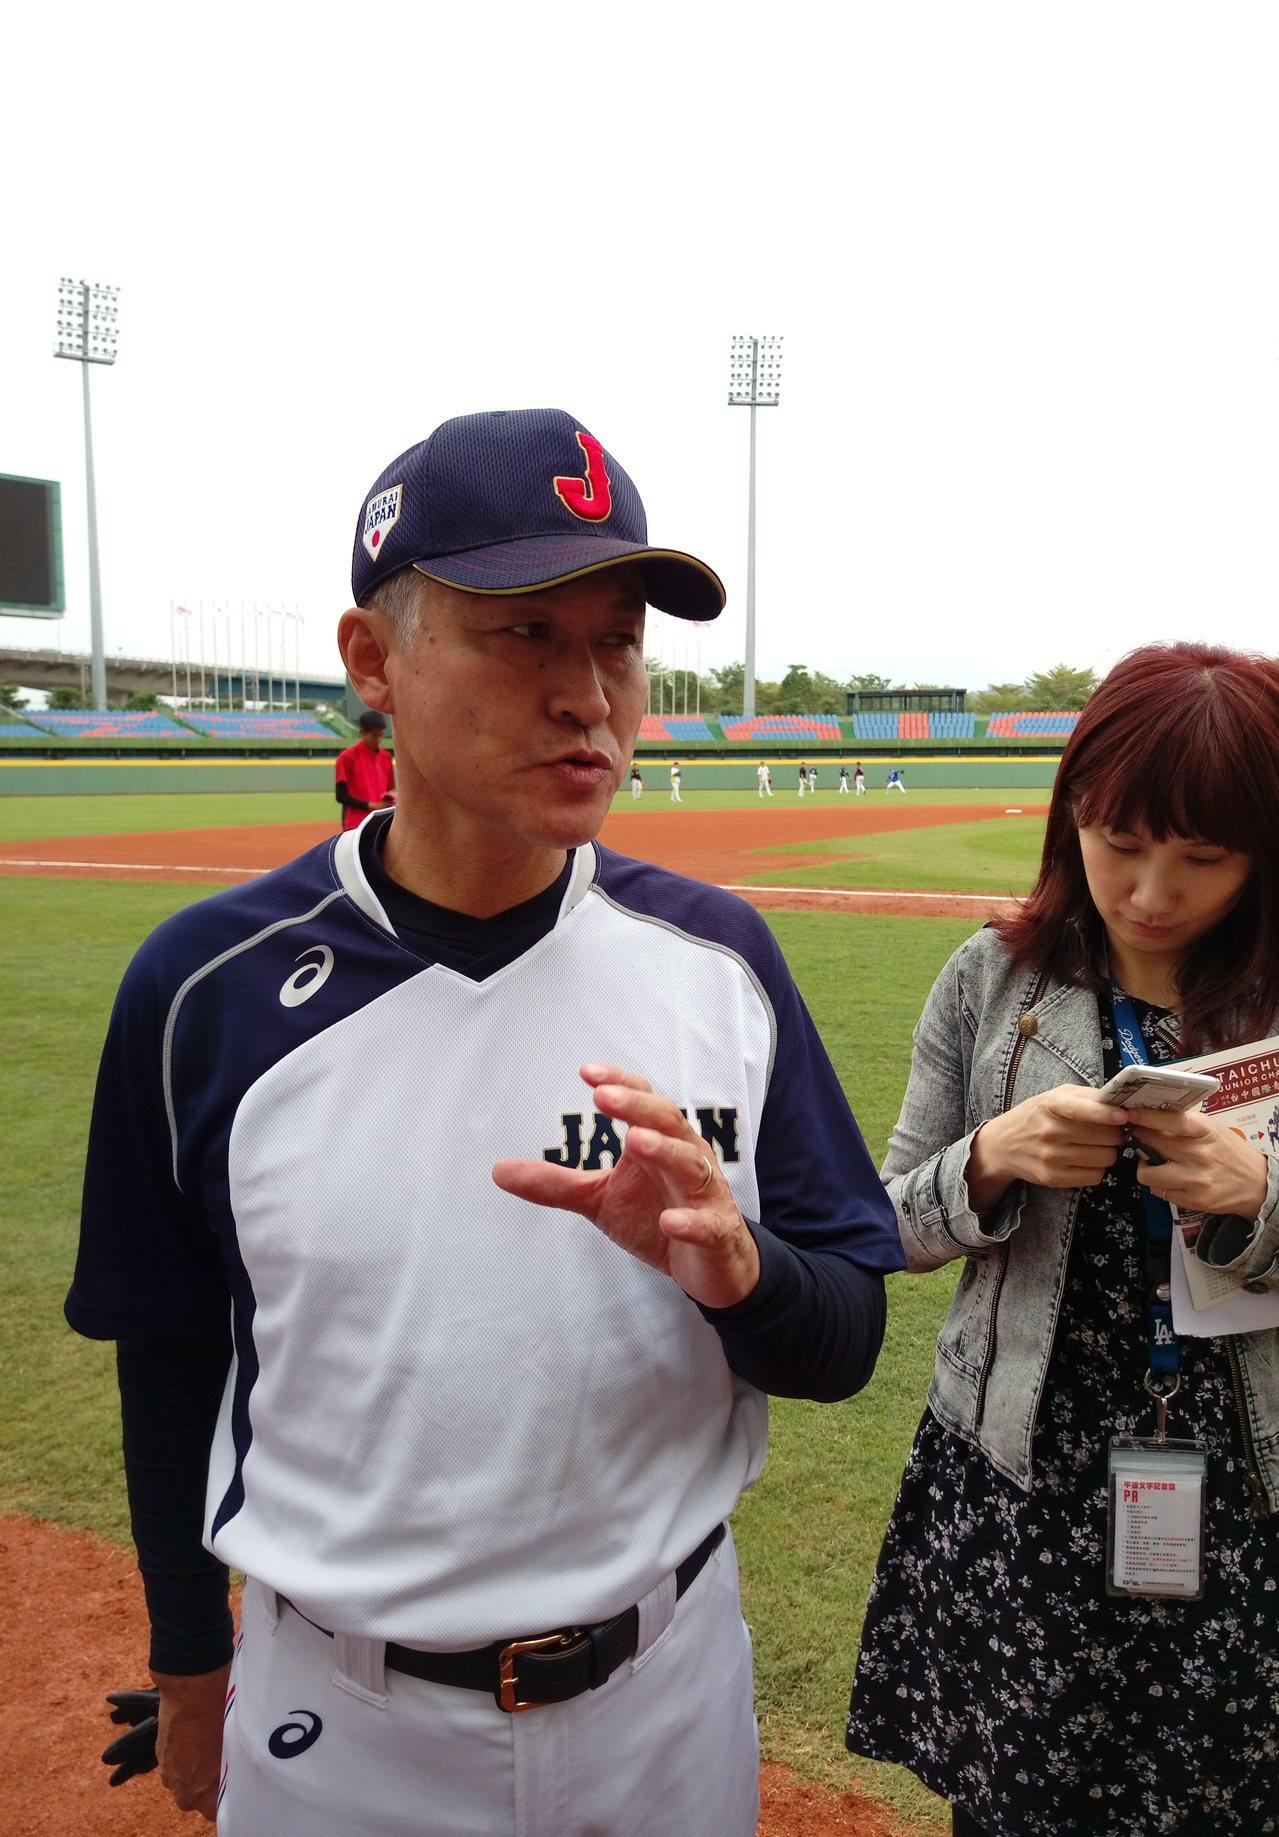 亞錦賽日本隊拿到冠軍,總教練石井章夫再率領社會人隊參加冬盟比賽。記者婁靖平/攝影